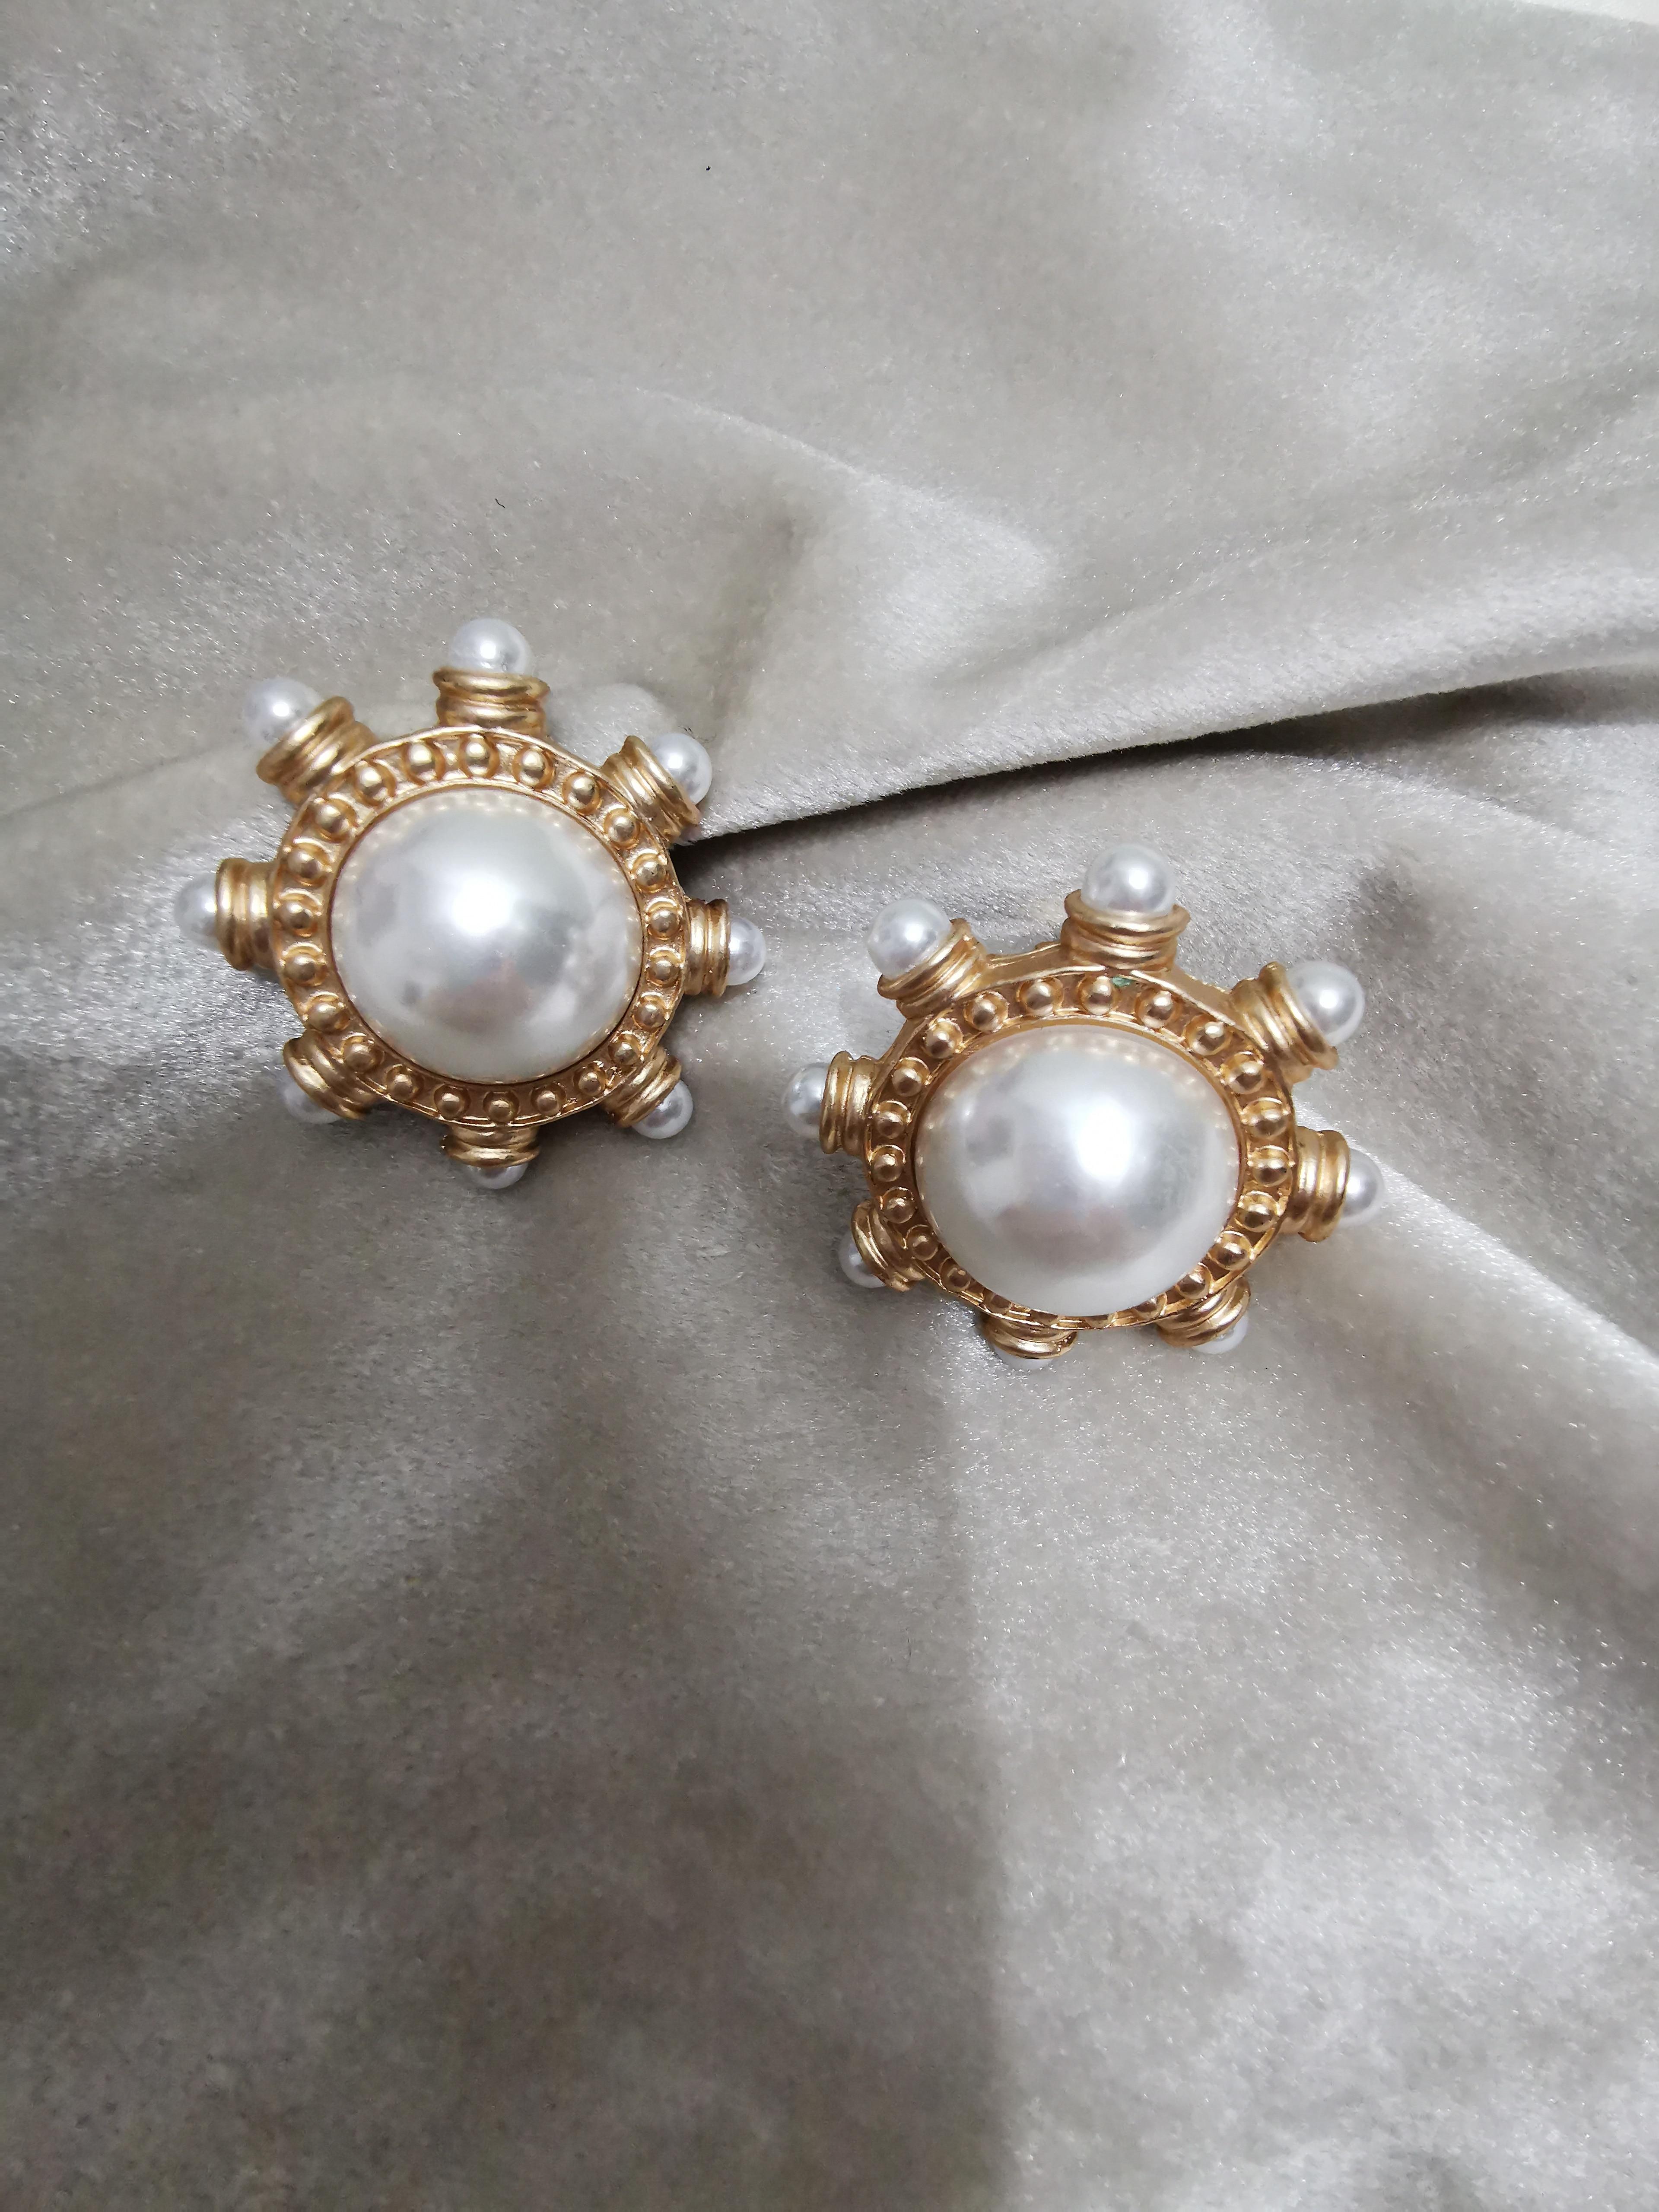 Trendy Retro Faux Pearl Geo Statement Gold Earrings Jewelry Women Punk Art Deco Party Designer korean style oorbellen Japan in Stud Earrings from Jewelry Accessories